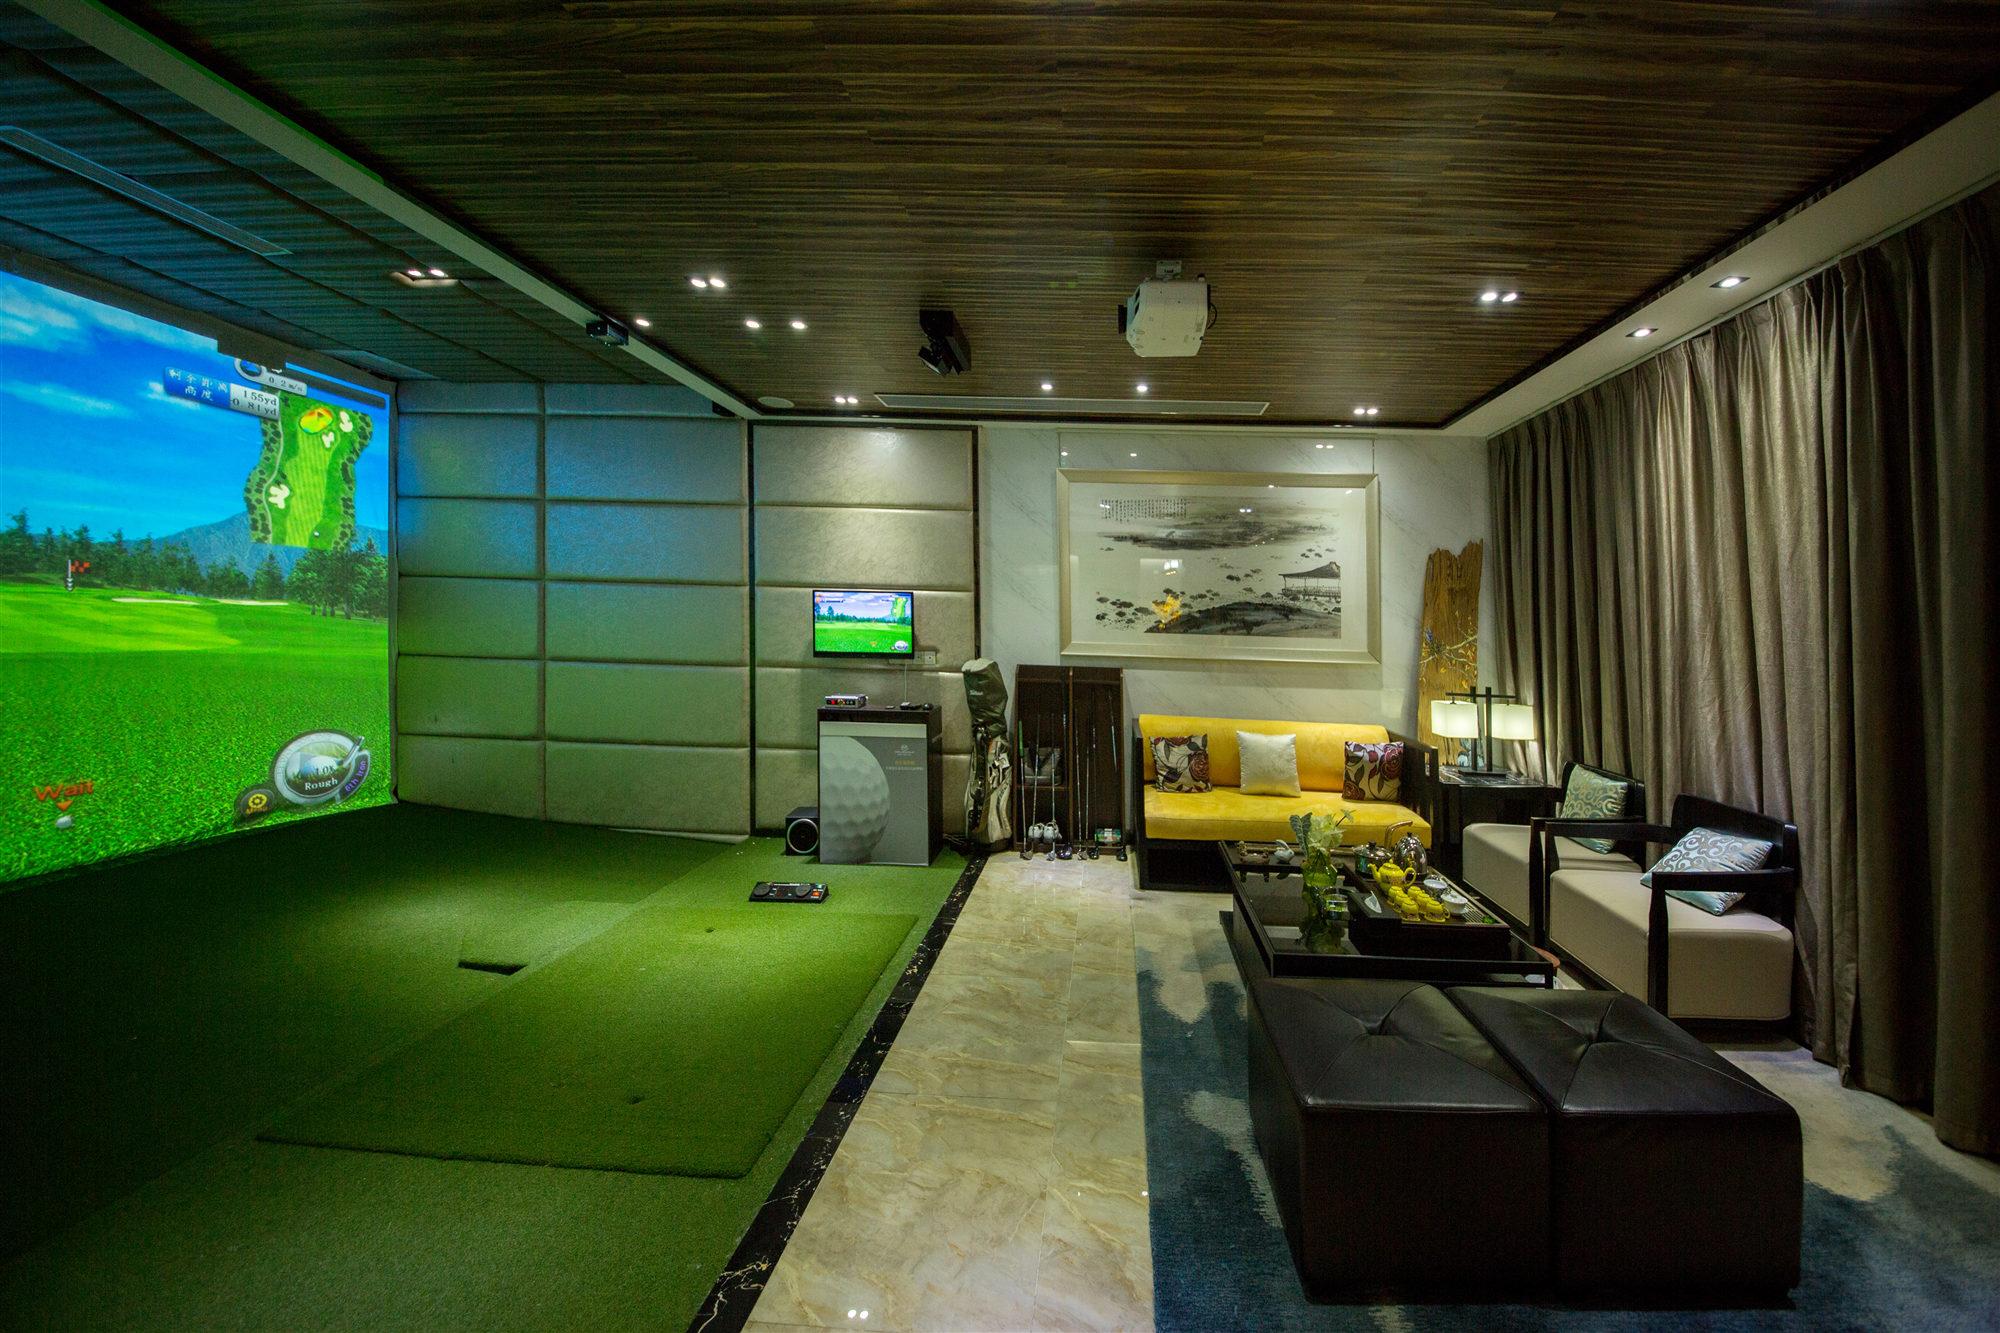 新中式风格别墅娱乐室装修效果图